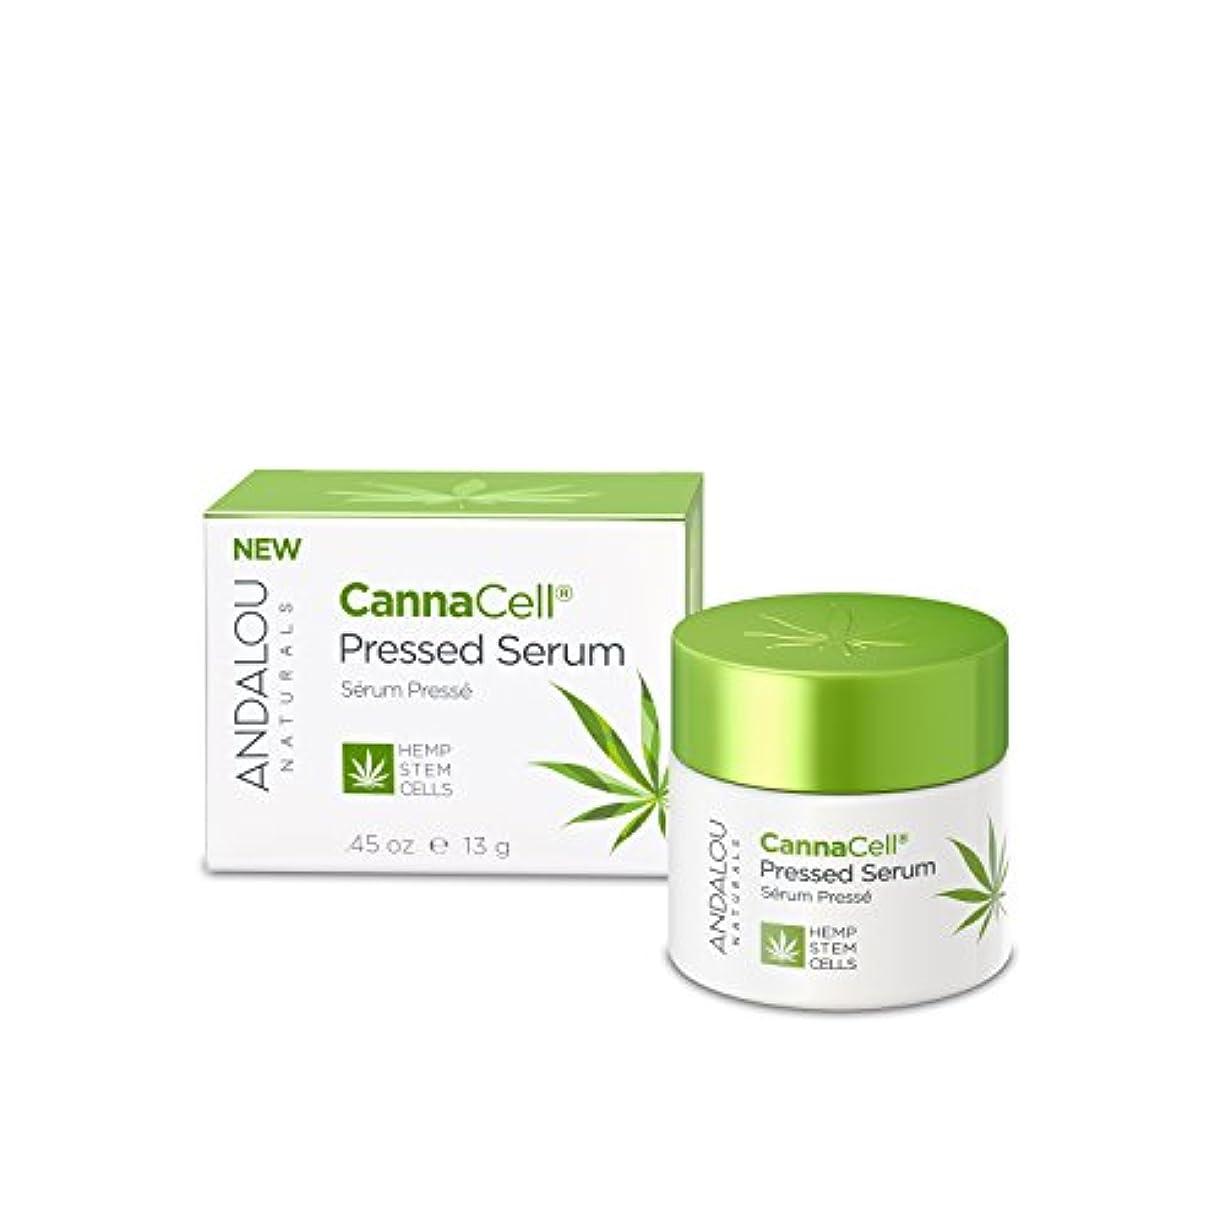 それにもかかわらずトラブル階下オーガニック ボタニカル 美容液 セラム ナチュラル フルーツ幹細胞 ヘンプ幹細胞 「 CannaCell® プレストセラム 」 ANDALOU naturals アンダルー ナチュラルズ